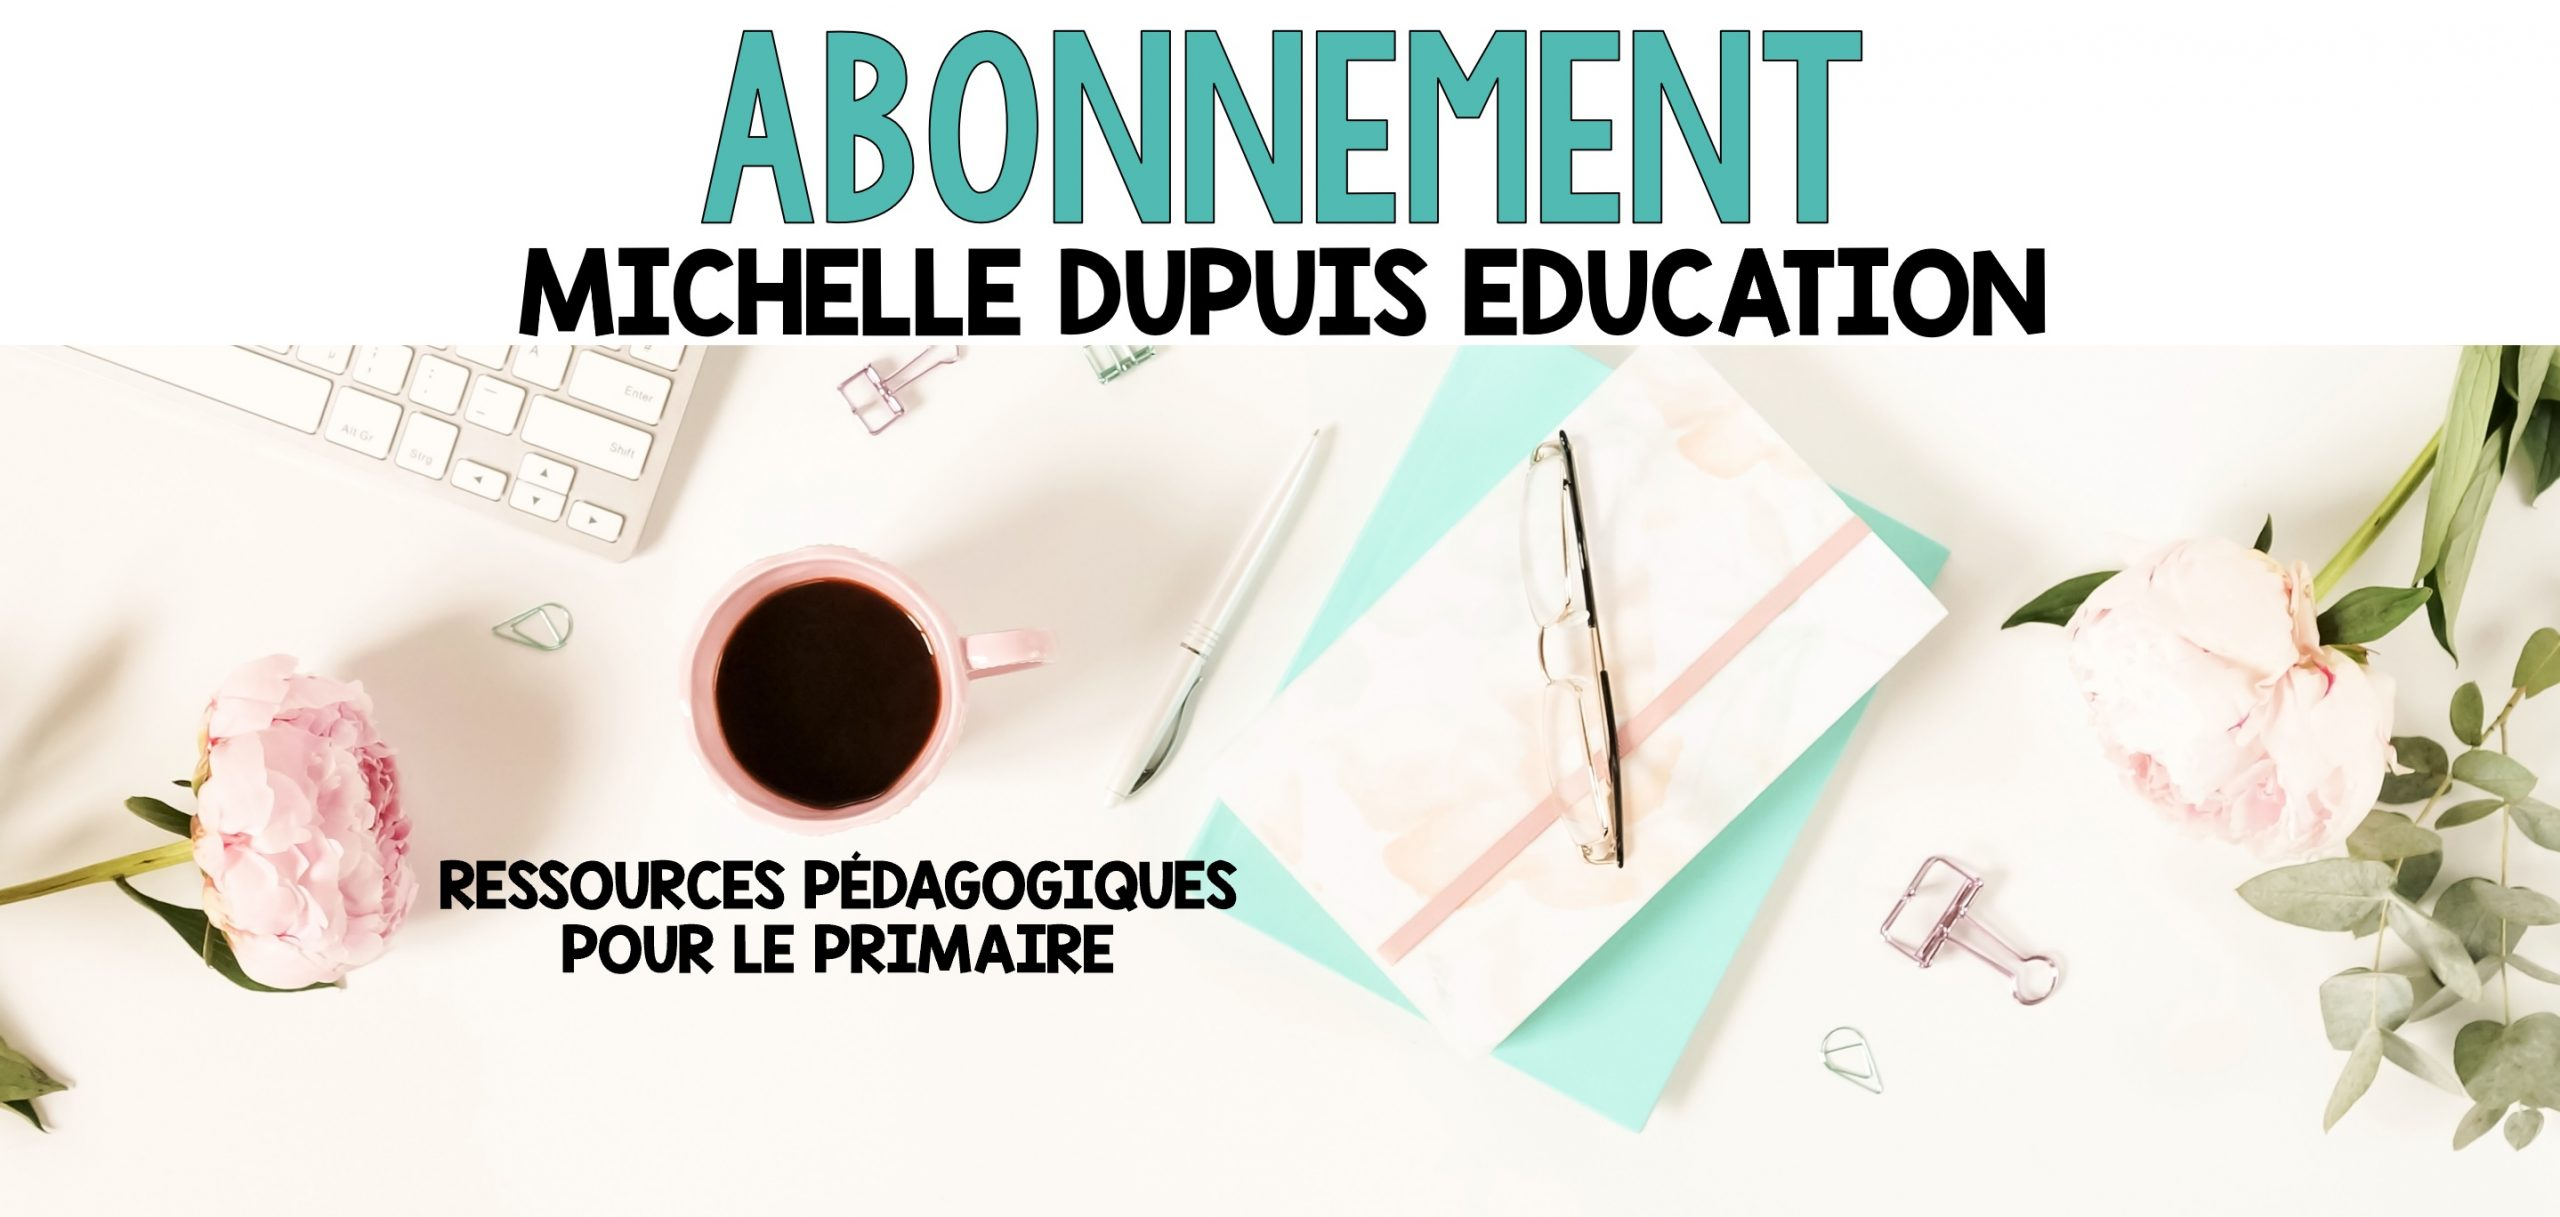 abonnement michelle dupuis education